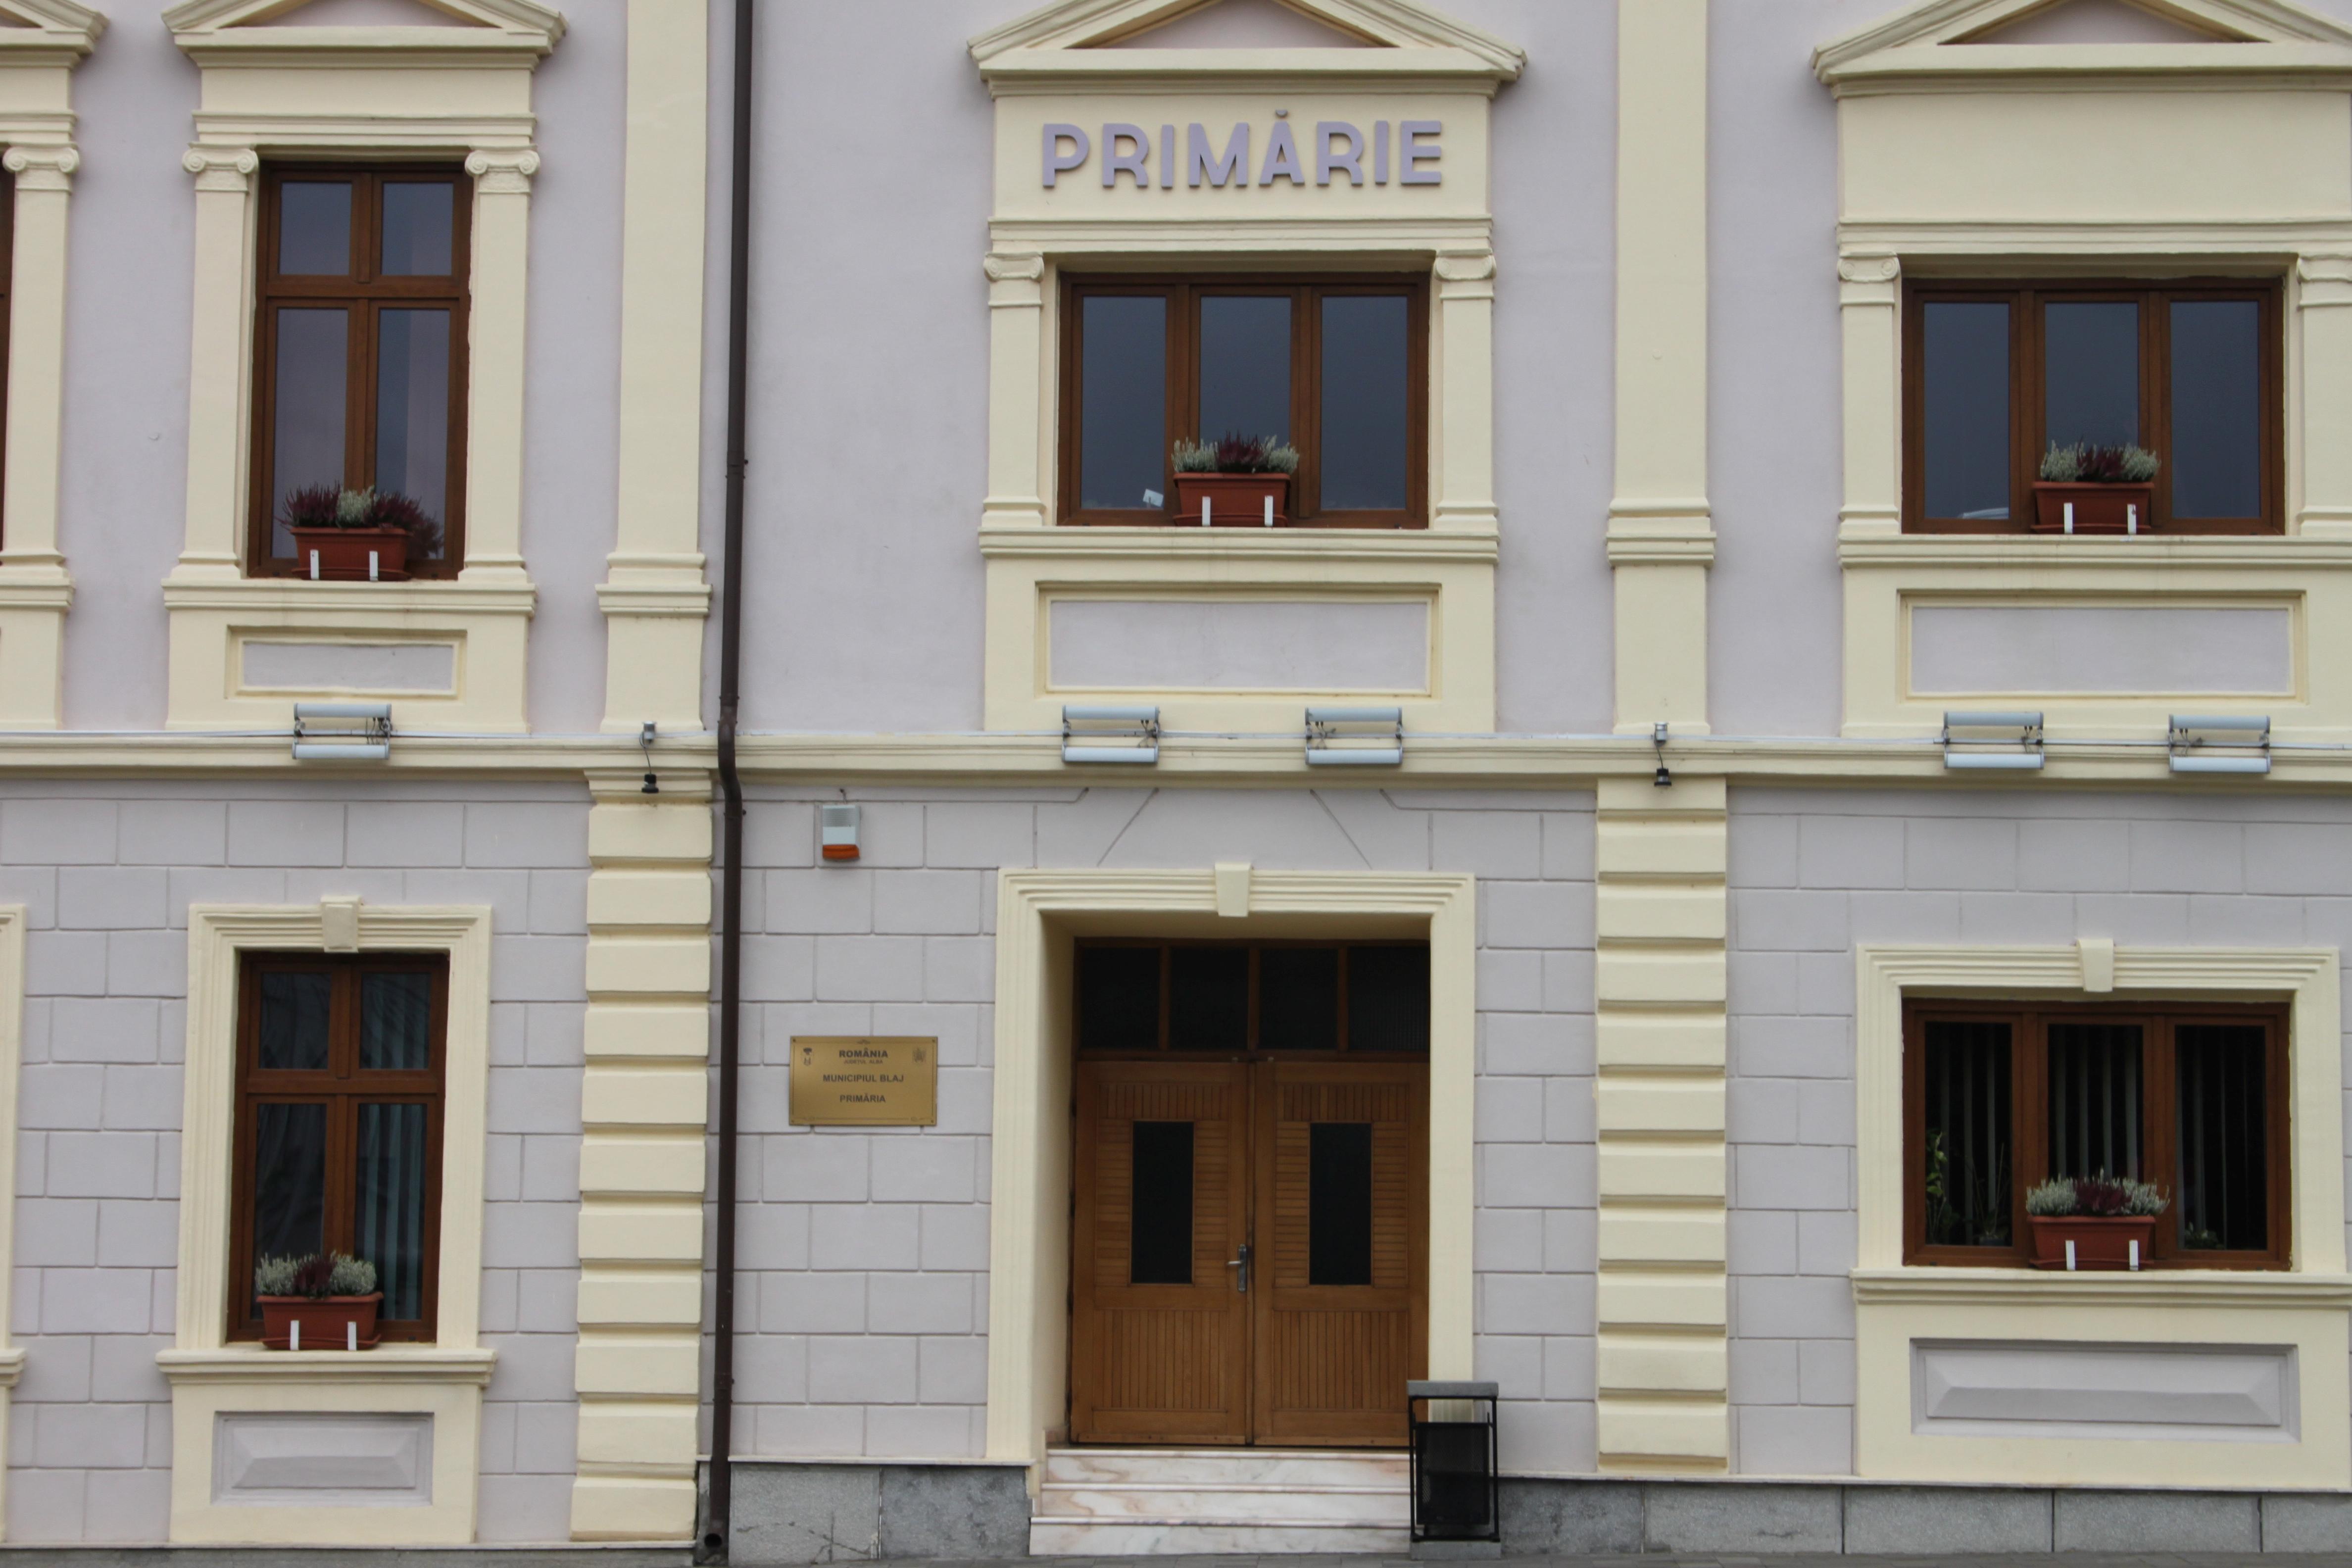 Primăria Blaj intră în reparații capitale pentru șase luni. Birourile vor fi relocate, cu excepția celui de Impozite și Taxe locale